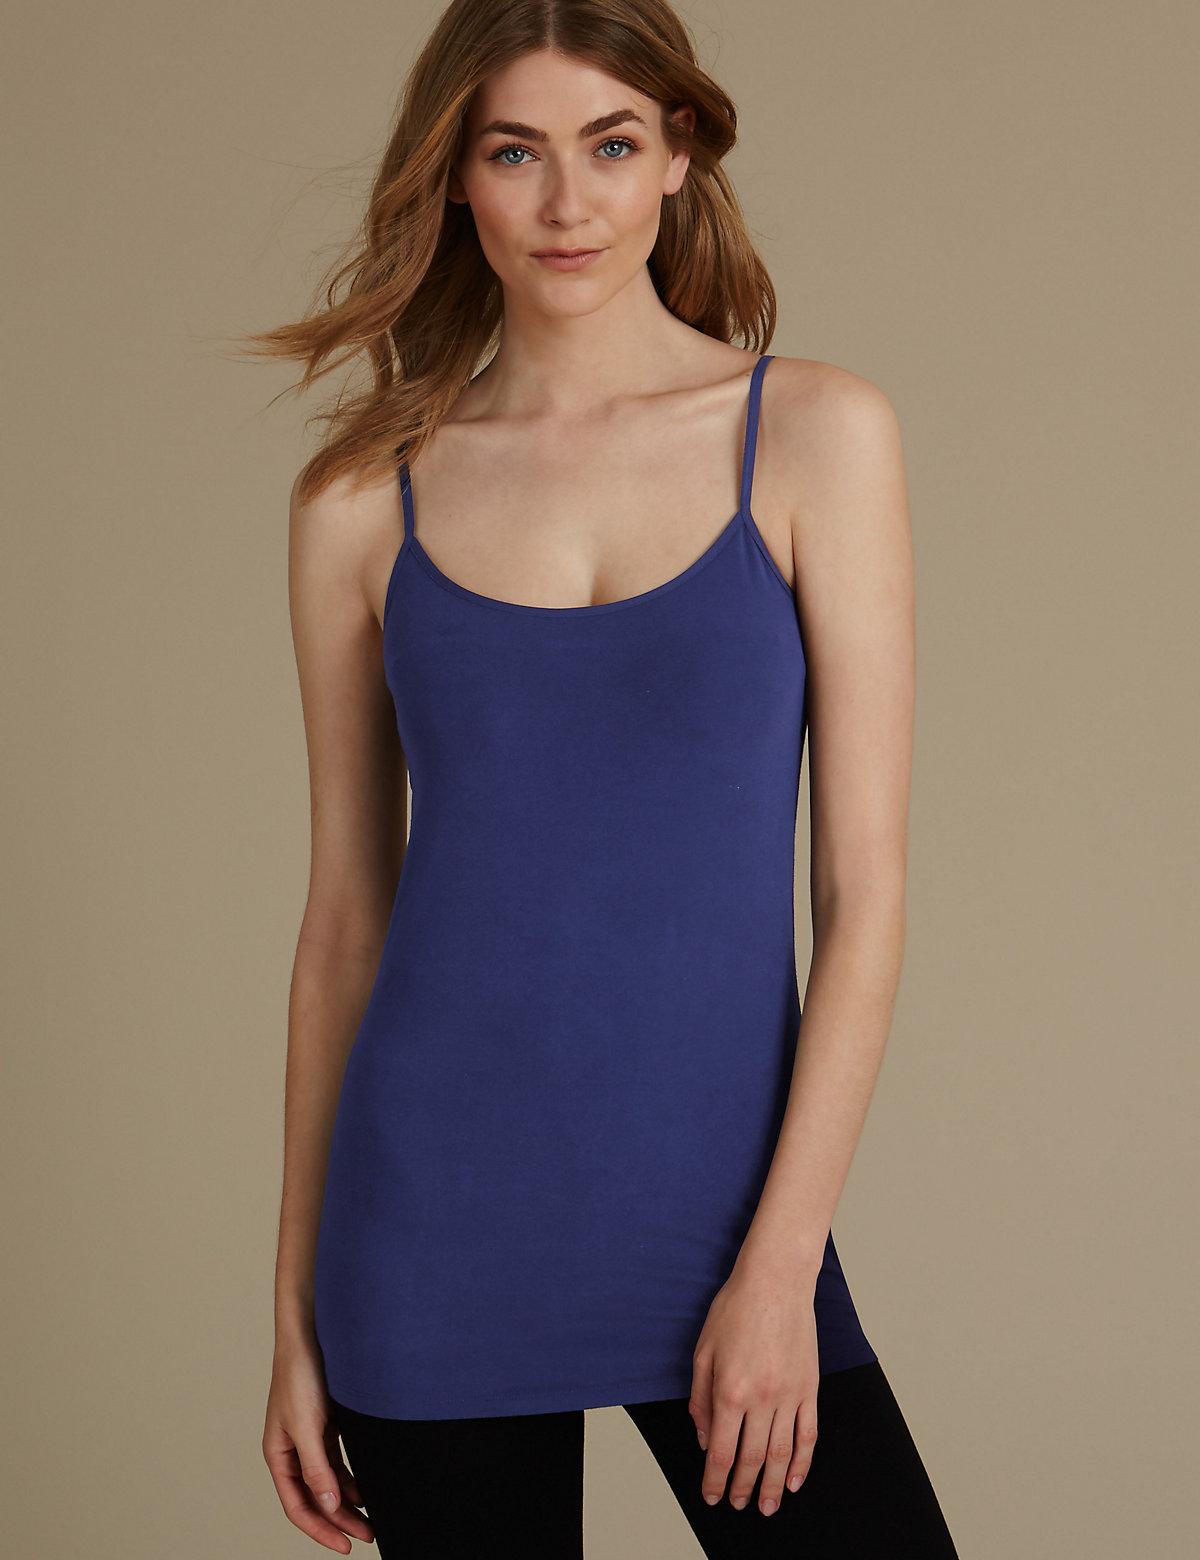 M&s Collection Cotton Rich Longline Strappy Vest Top